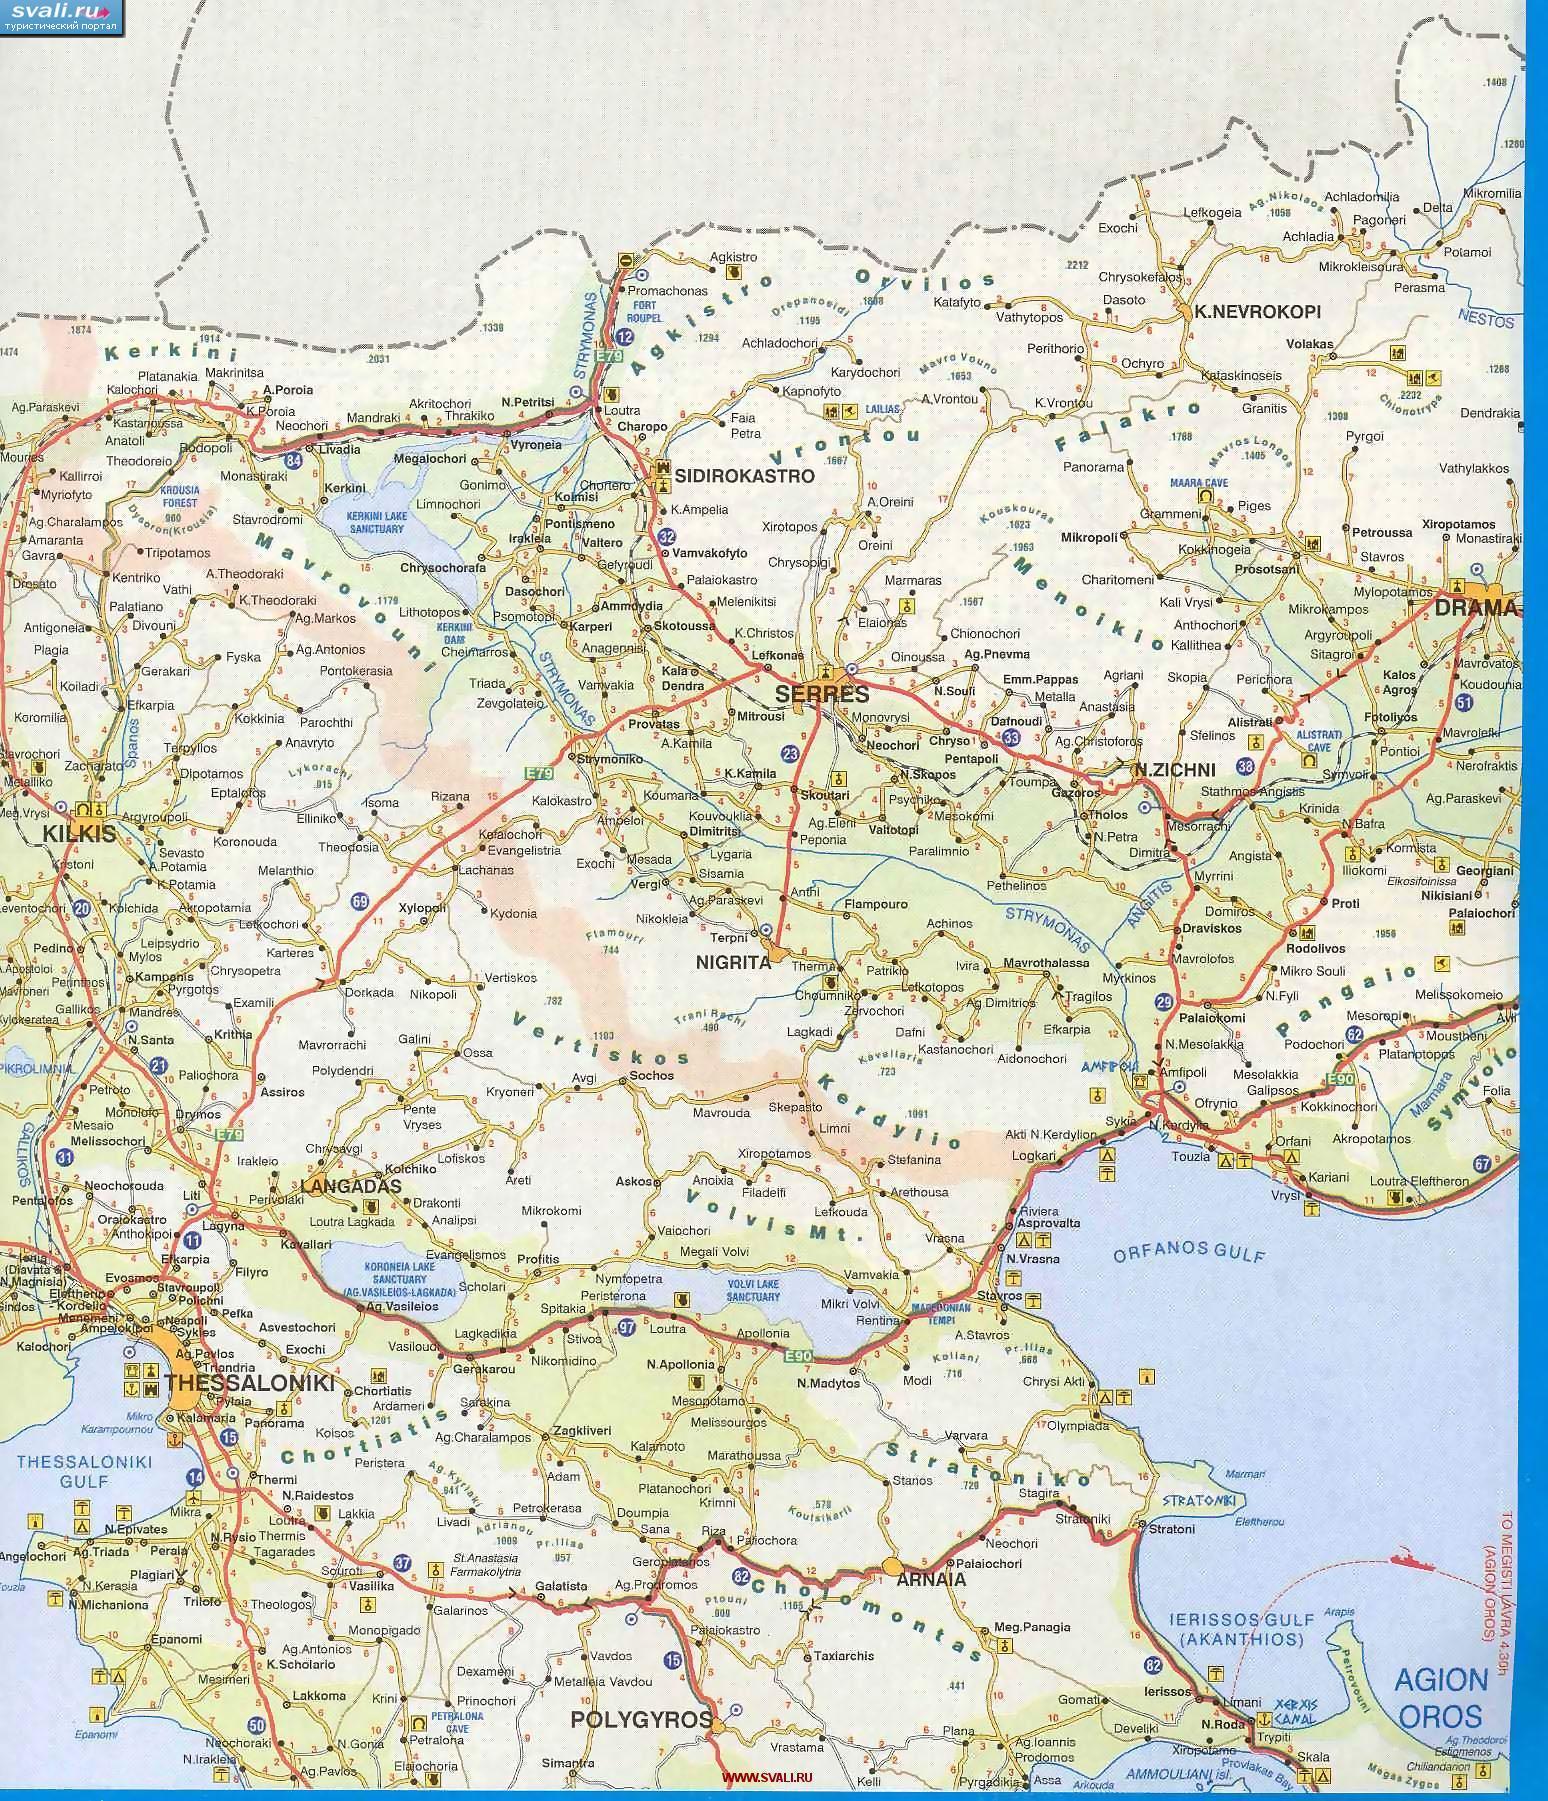 Karty Podrobnaya Karta Vostoka Oblasti Makedoniya Makedonia